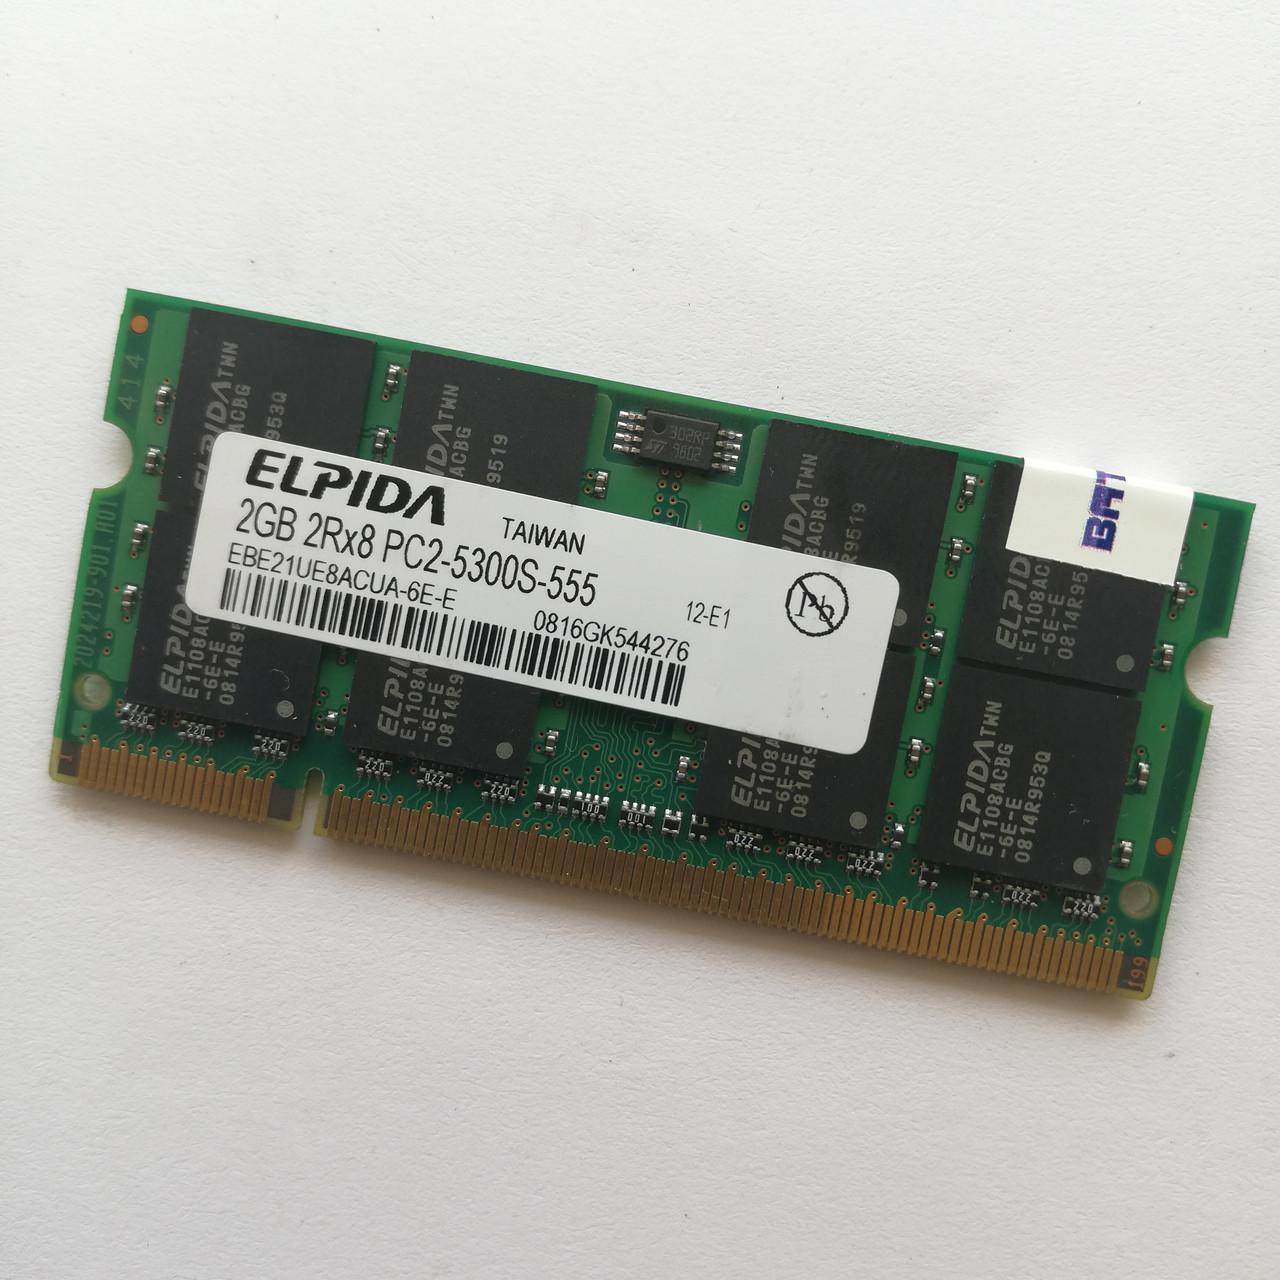 Оперативная память для ноутбука Elpida SODIMM DDR2 2Gb 667MHz 5300 CL5 (EBE21UE8ACUA-6E-E) Б/У